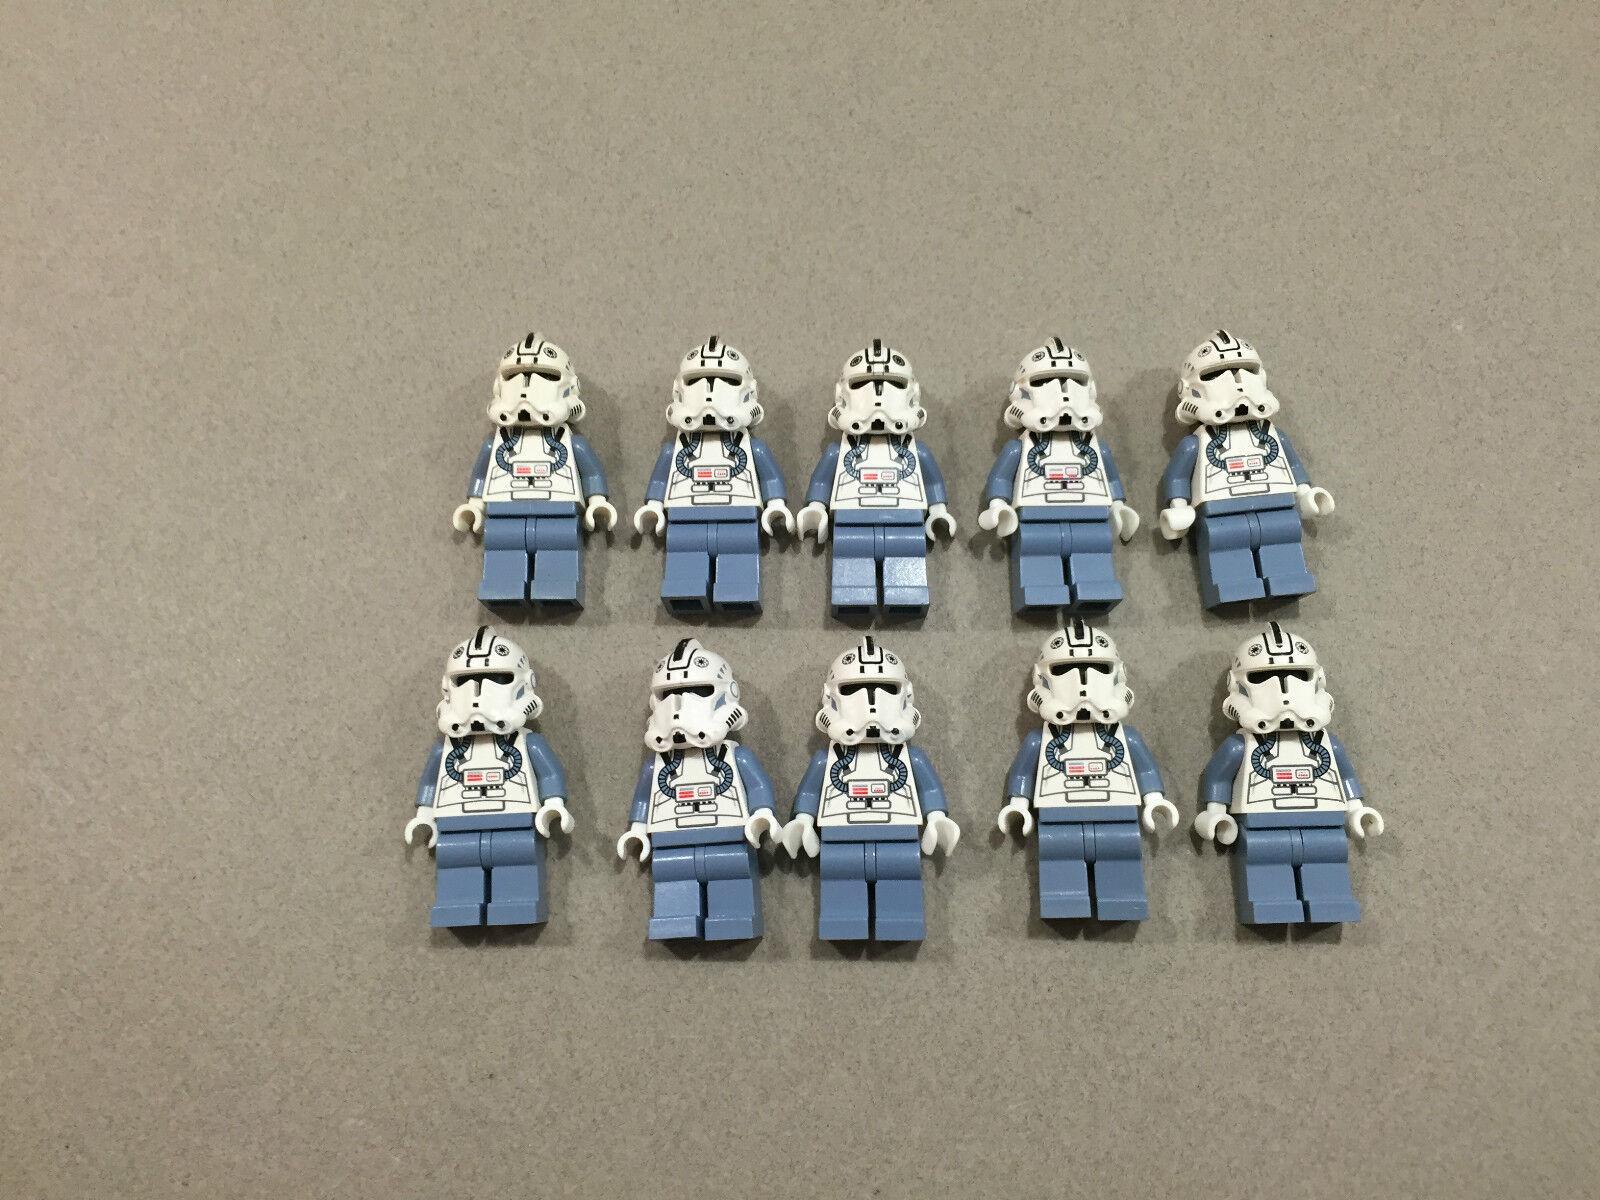 LEGO Clone Trooper Lot of 10 Star Wars Wars Wars Minifigure minifig Huge LOT Clones M220 52aecd